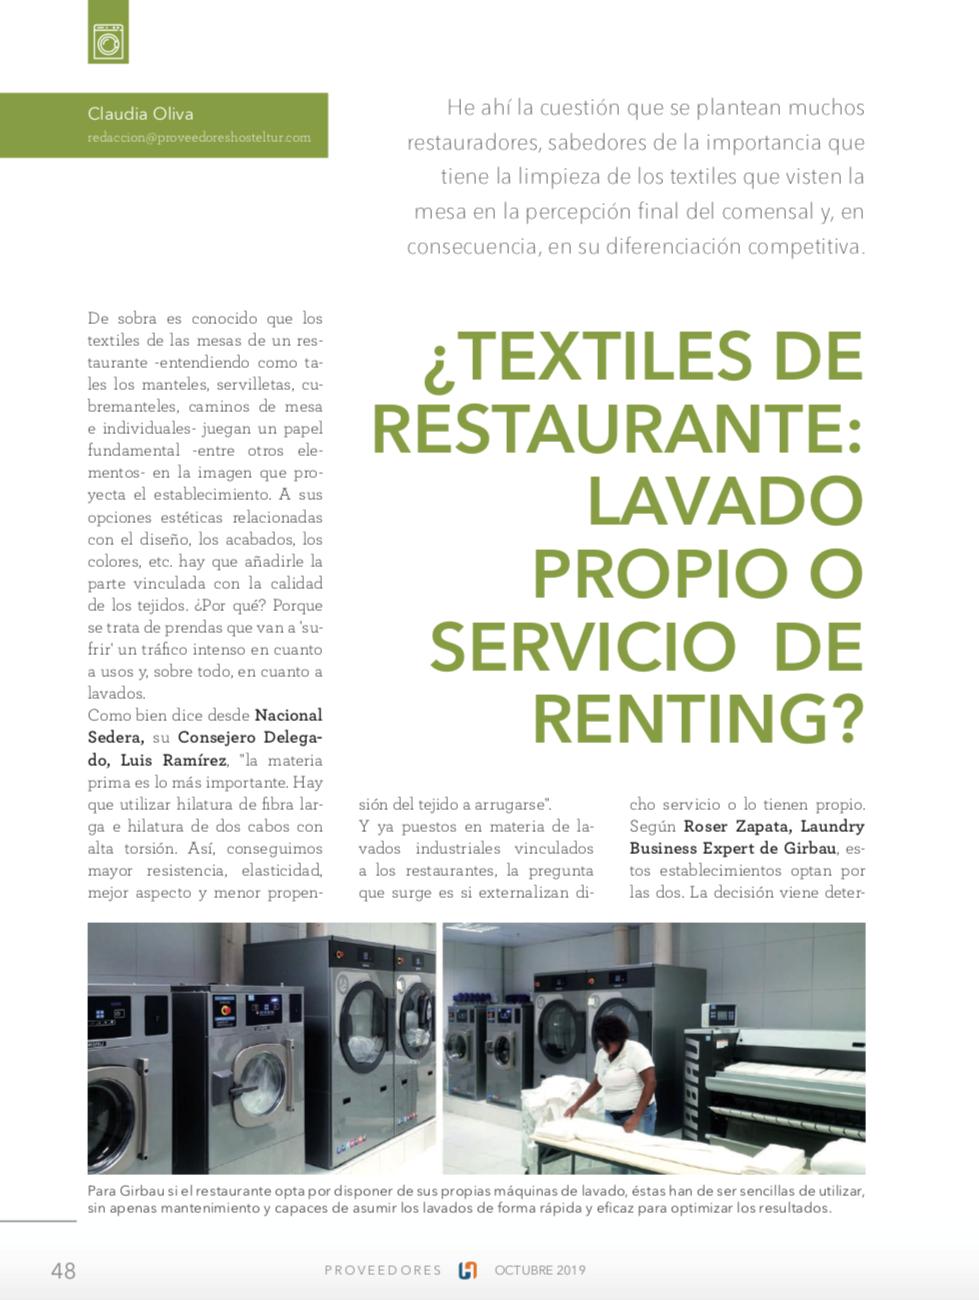 ¿Textiles de restaurante: lavado propio o servicio de renting?